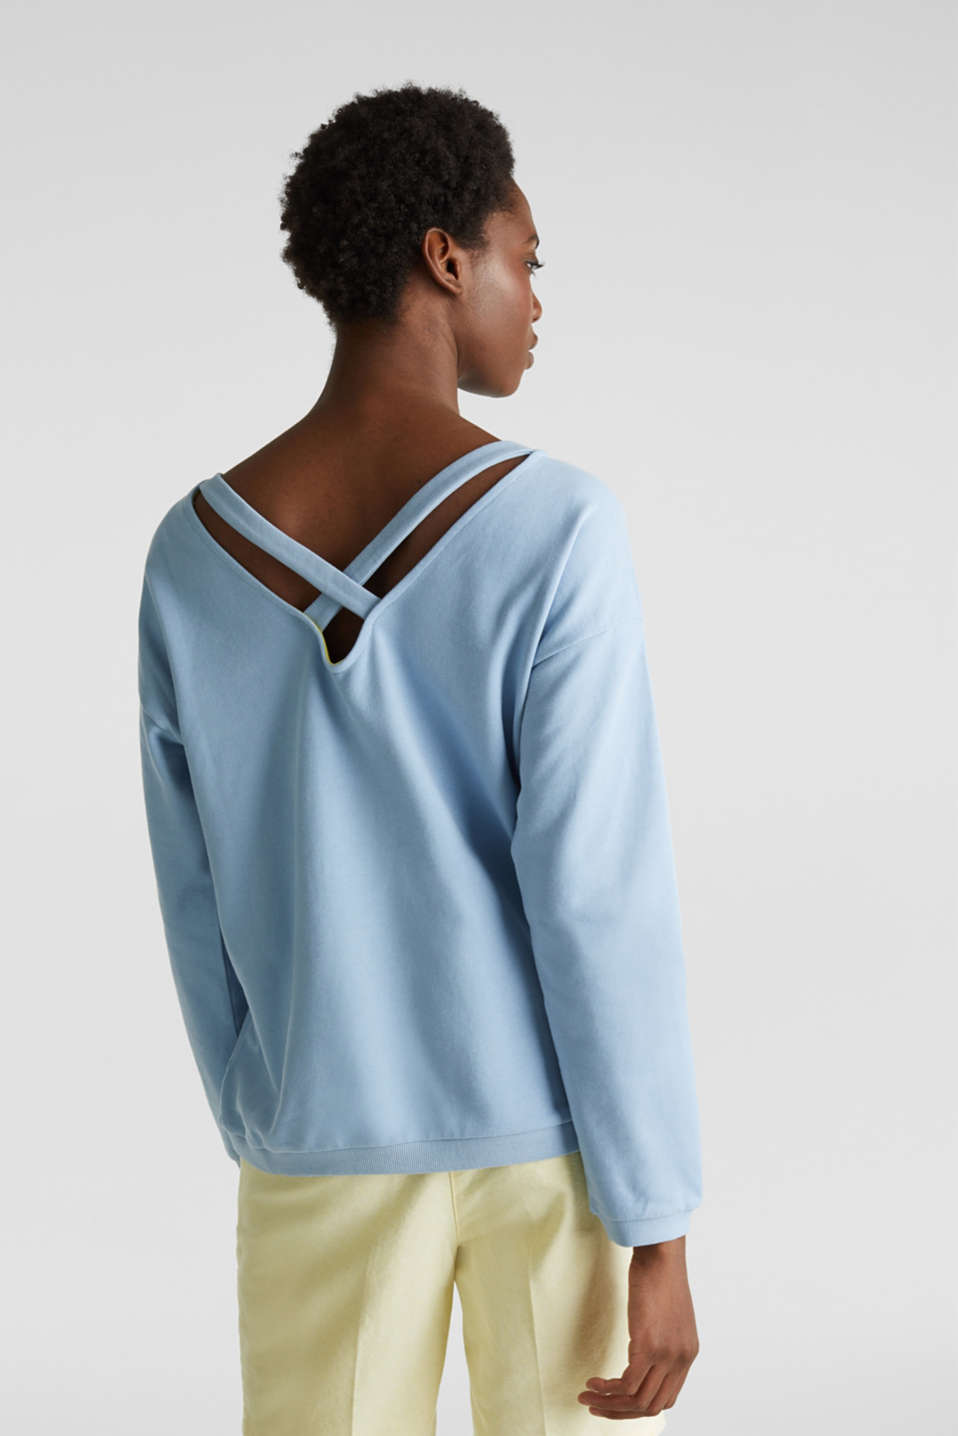 Sweatshirt with a back neckline, LIGHT BLUE, detail image number 3